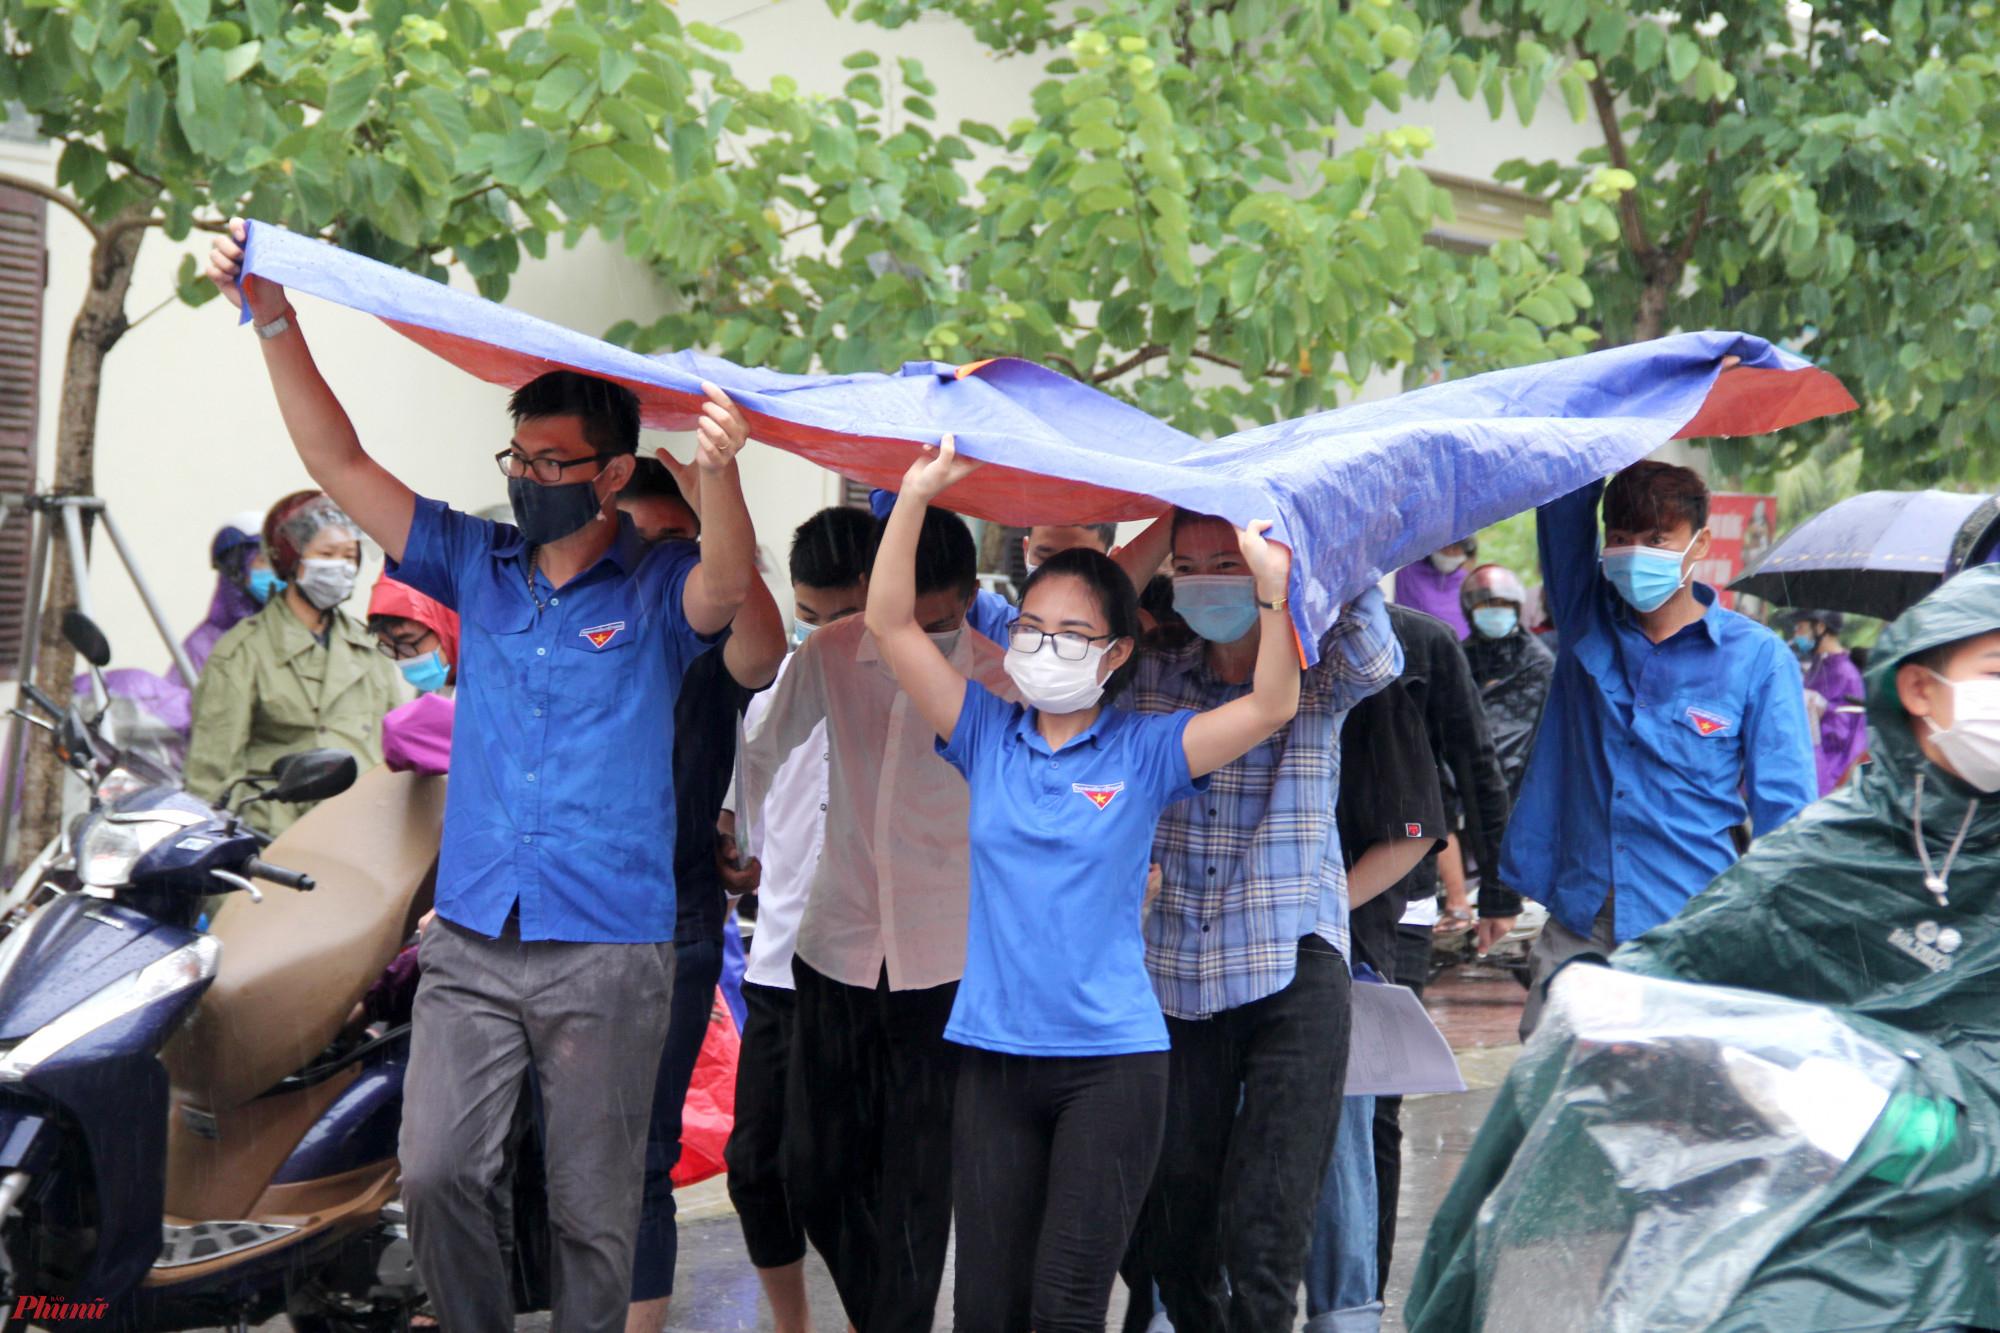 Tình nguyện viên dùng bạt lớn để che cho thí sinh đỡ ướt quần áo